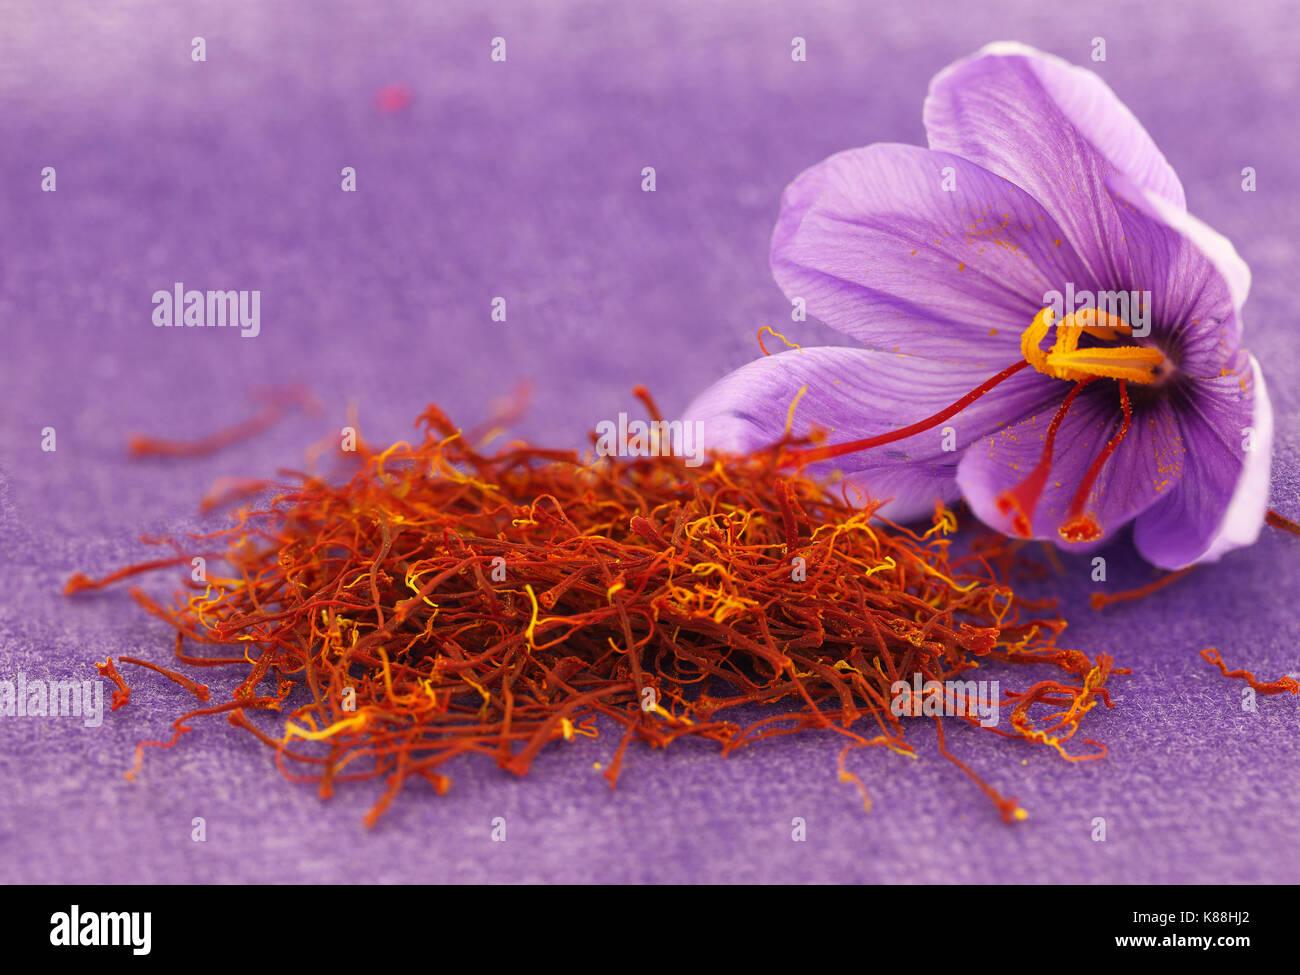 Getrockneten Safran und Safran Blume Stockbild